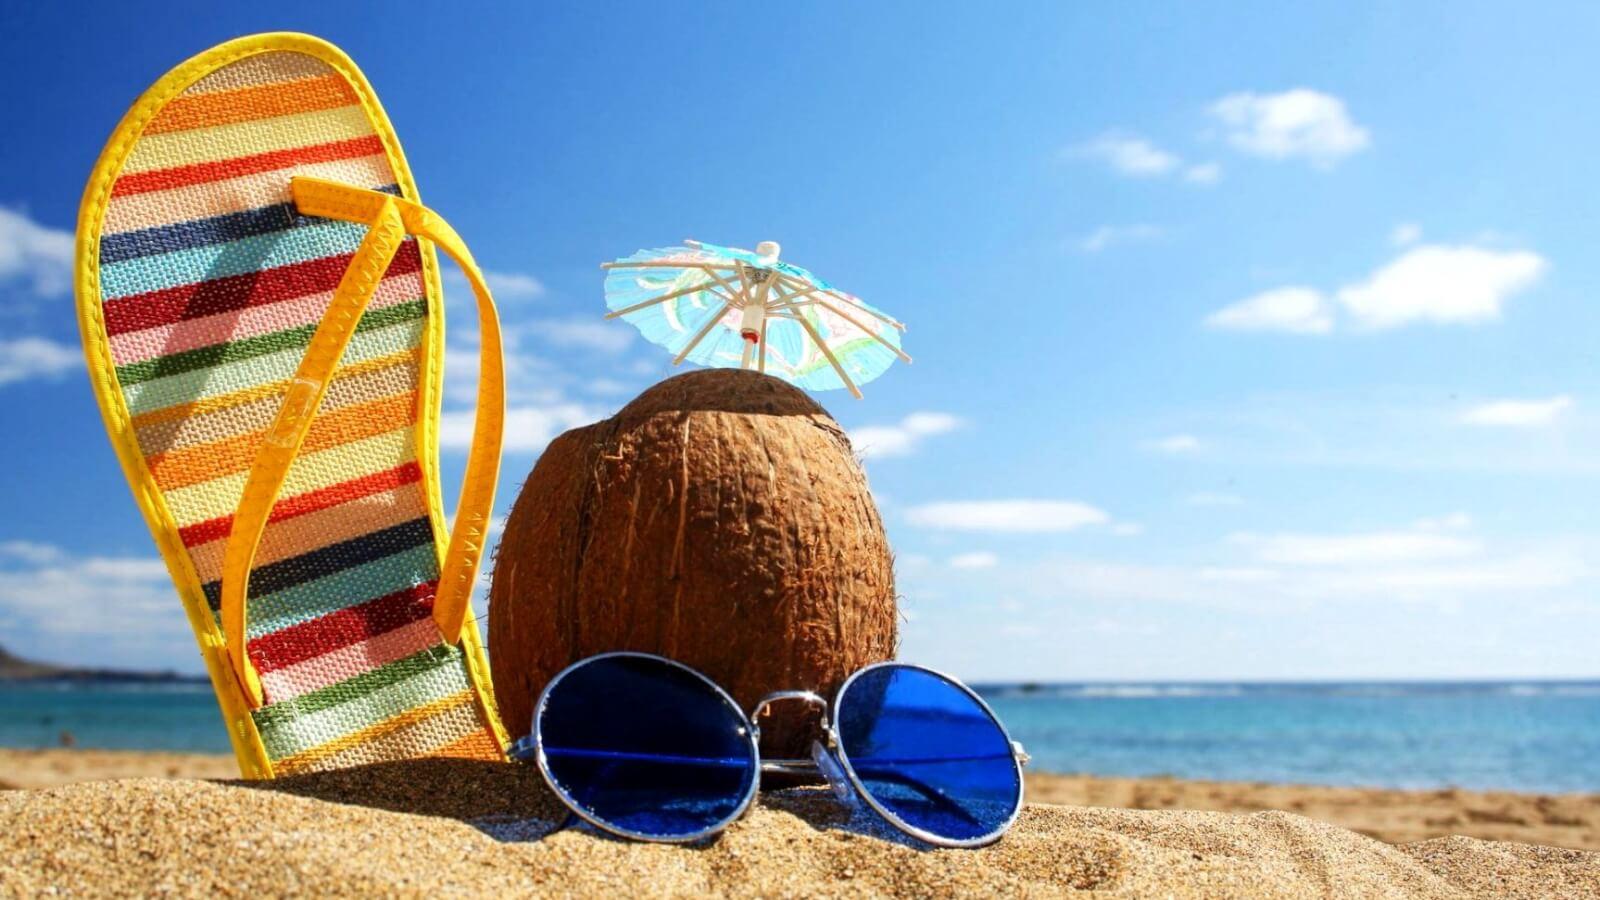 Кому предоставляется дополнительный отпуск завредные условия труда на рабочем месте